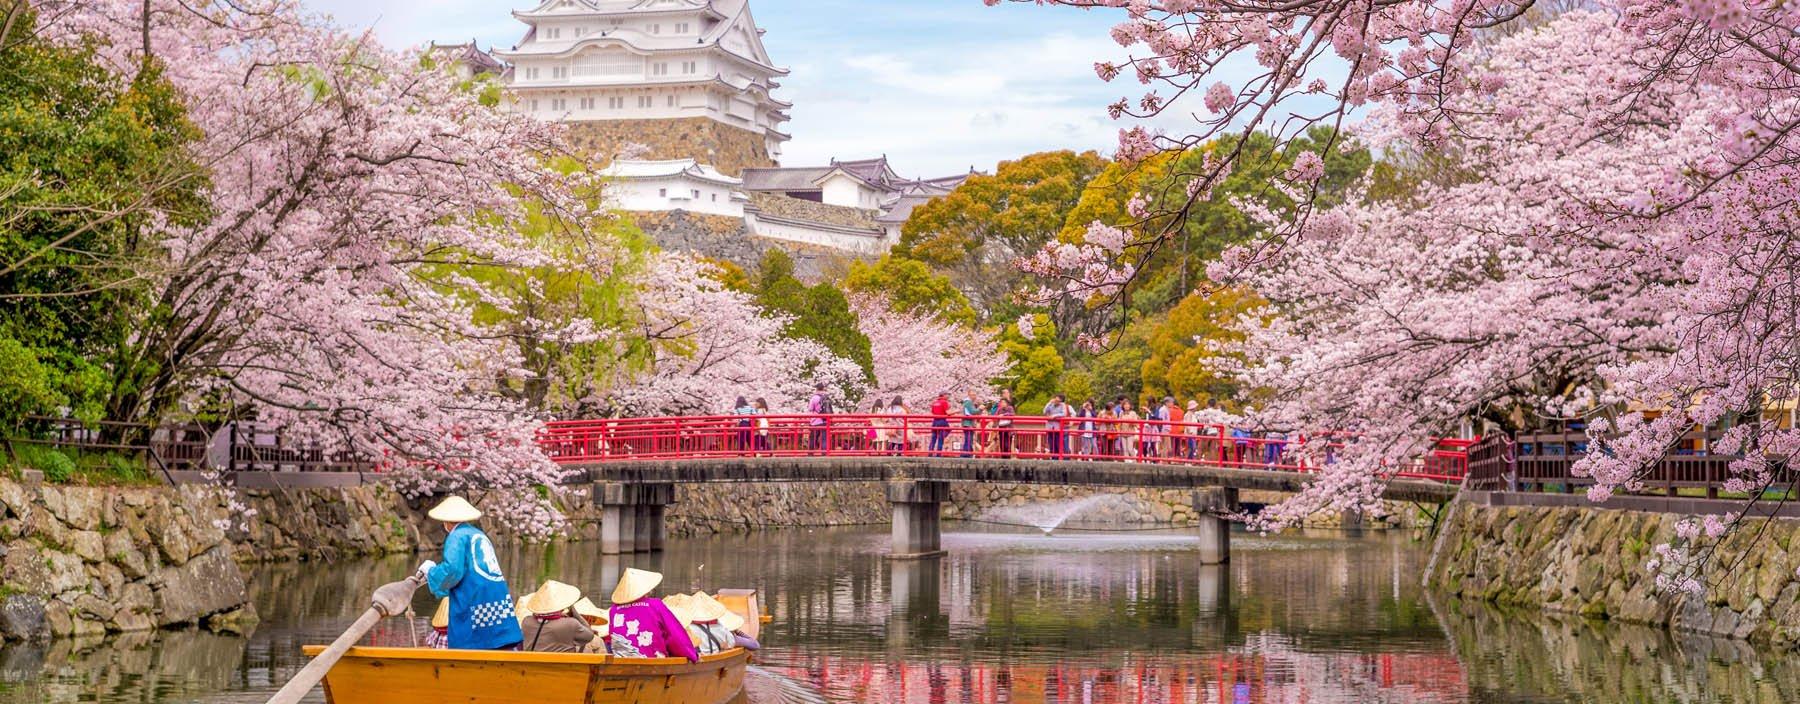 jp, himeji kasteel (2).jpg